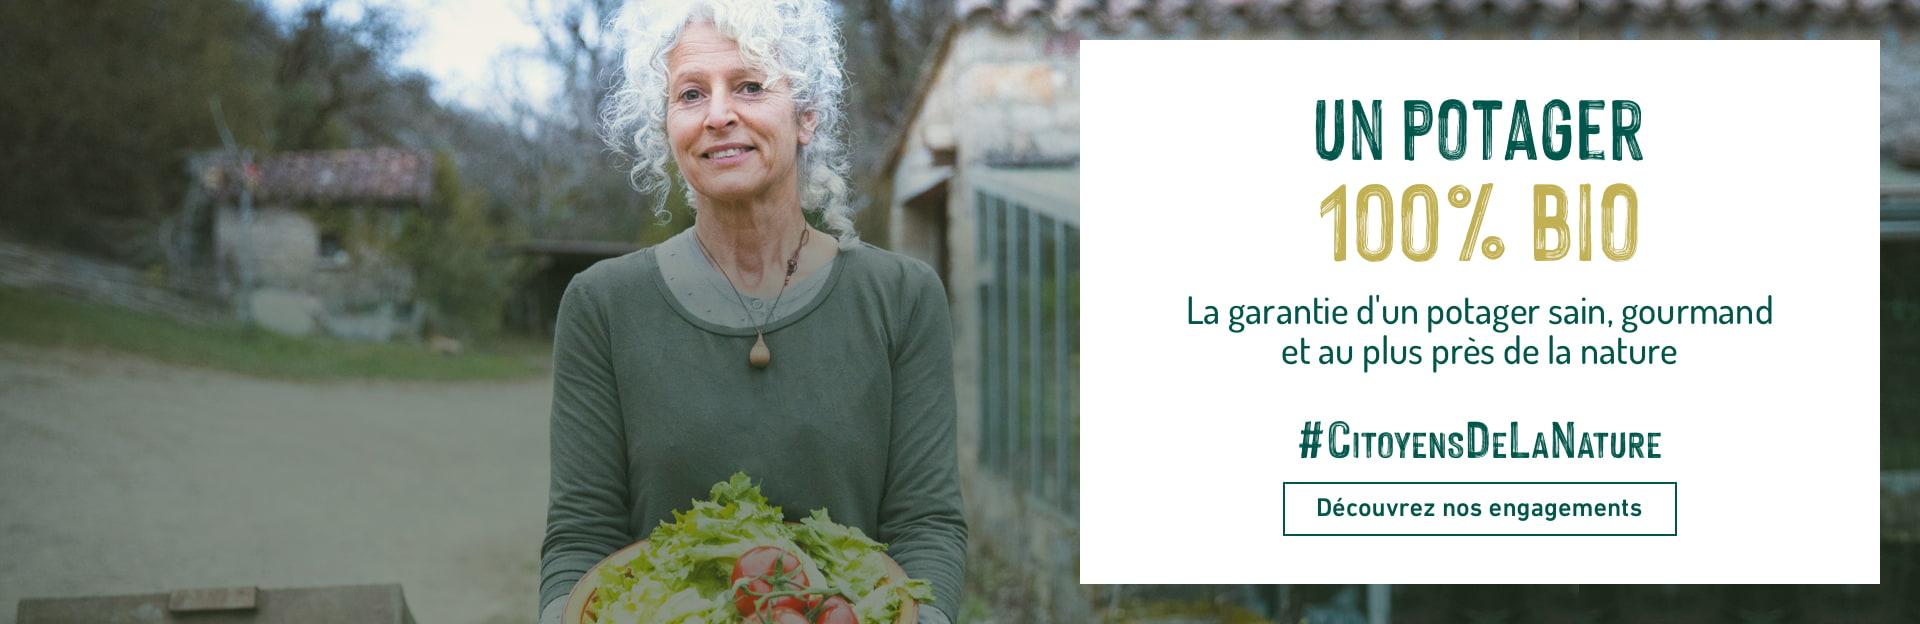 Un potager 100% bio - Consommer autrement